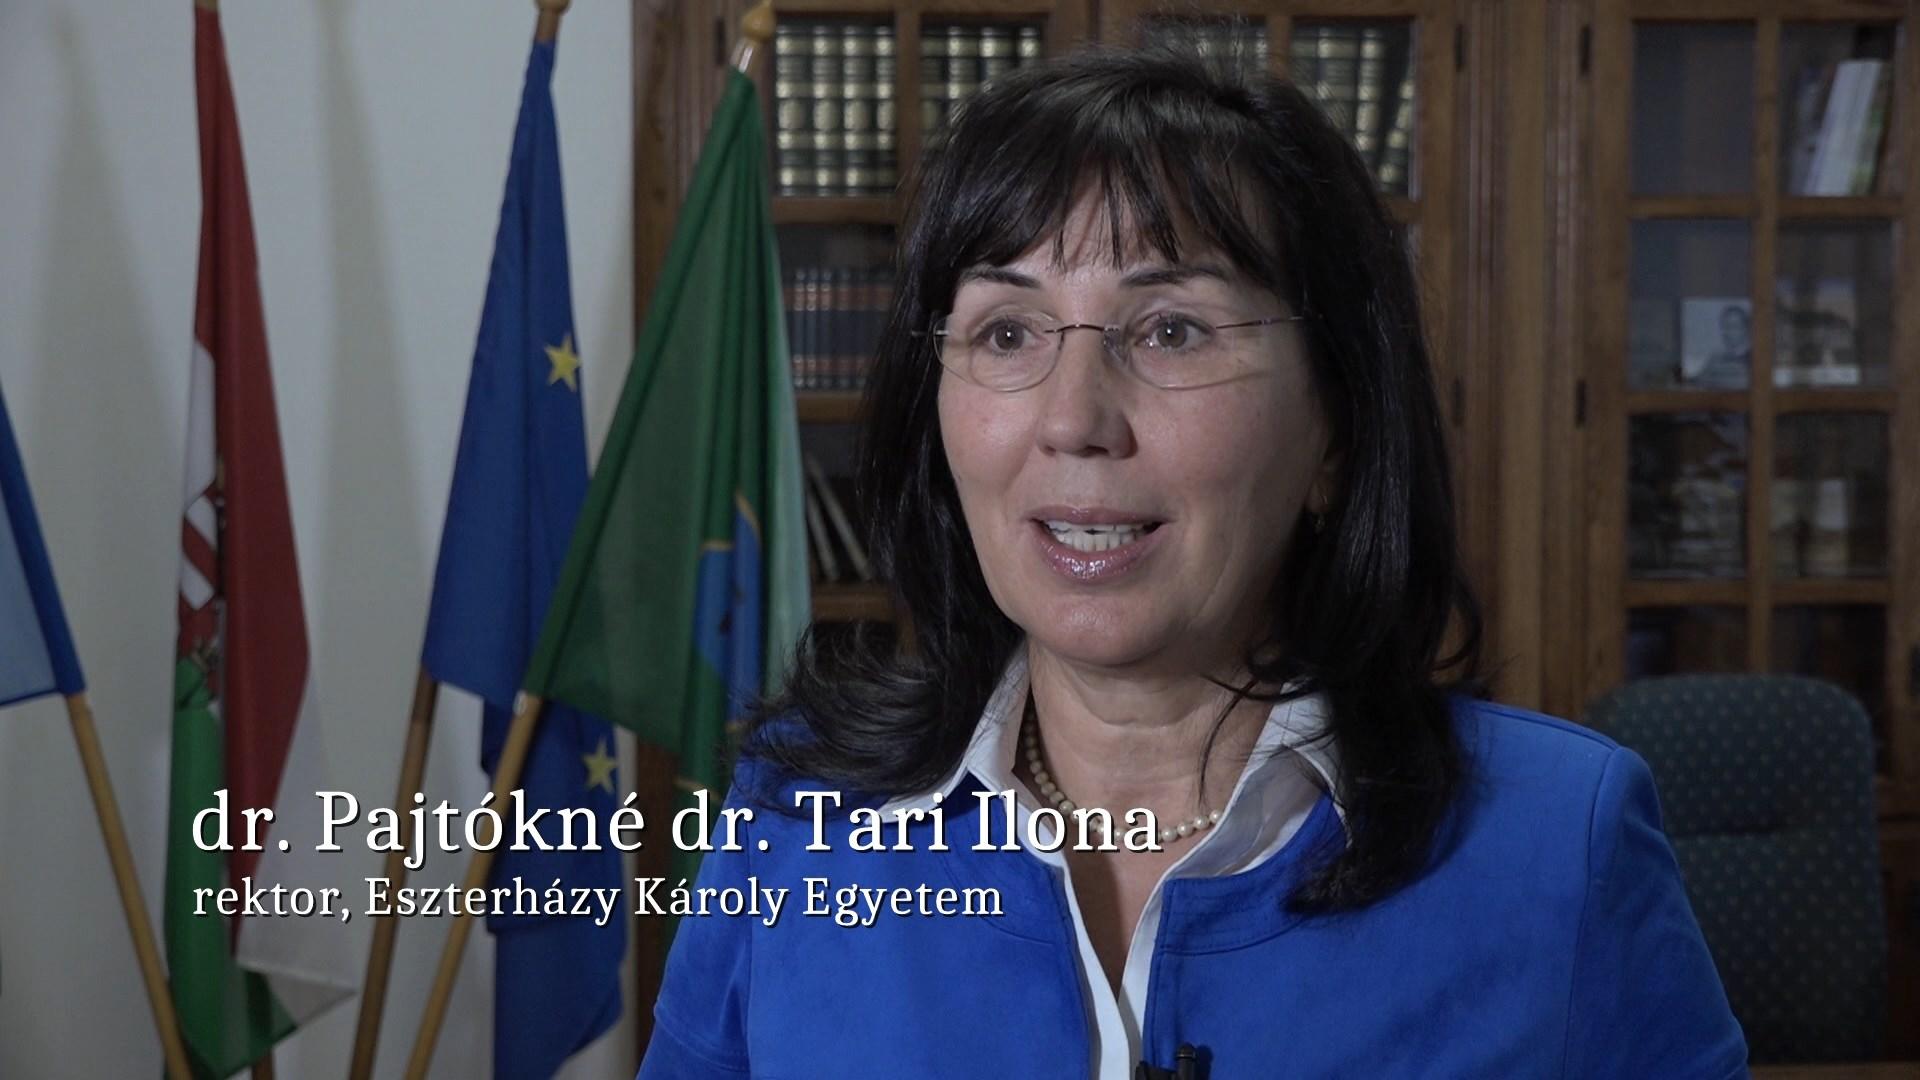 Együtt Sikerül! - dr. Pajtókné dr. Tari Ilona